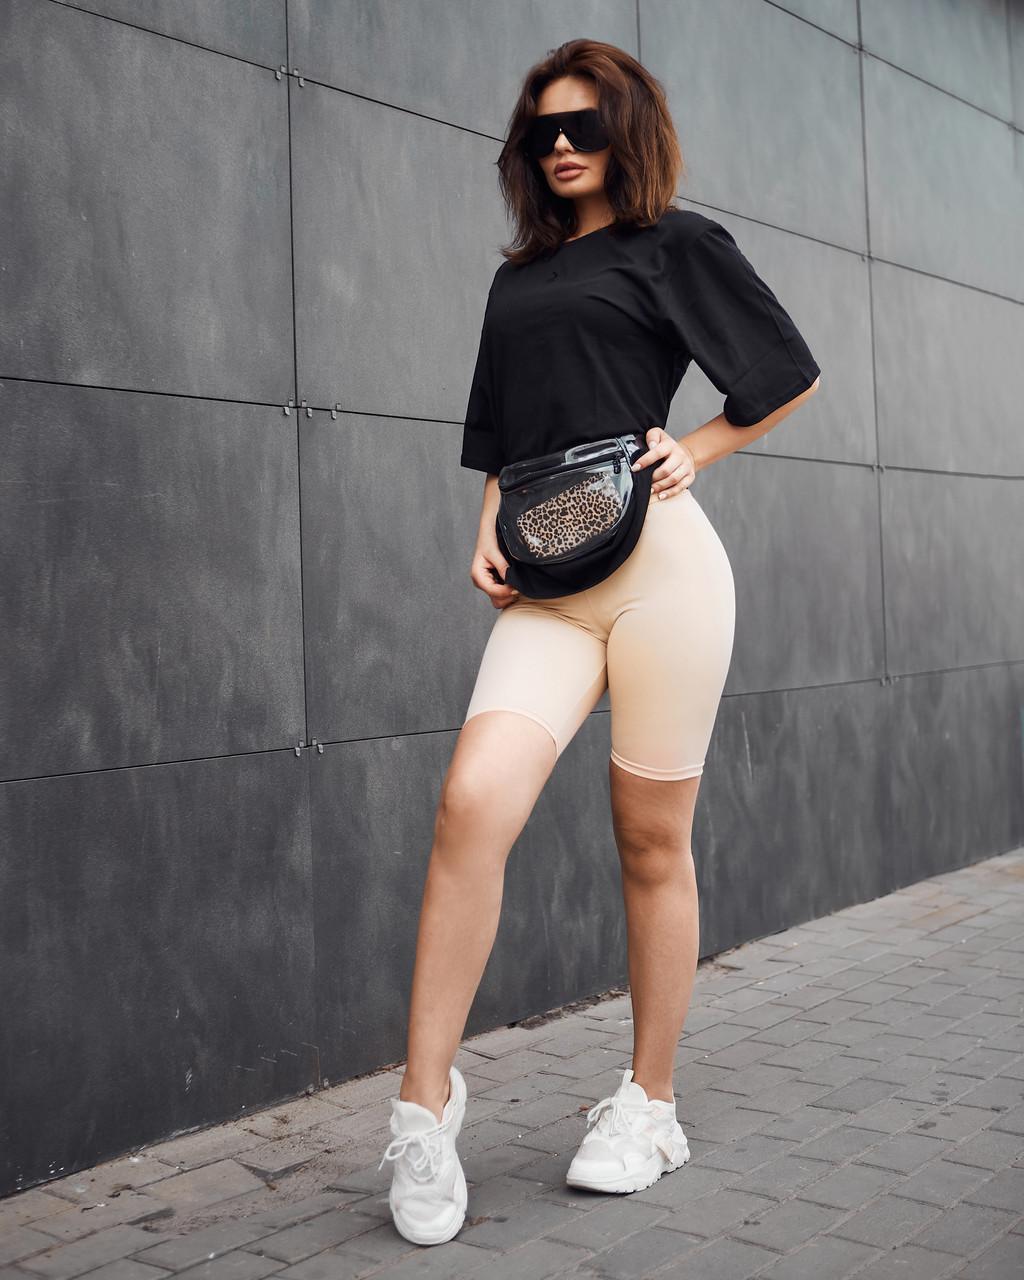 Спортивний жіночий комплект Jin велосипедки і футболка чорний